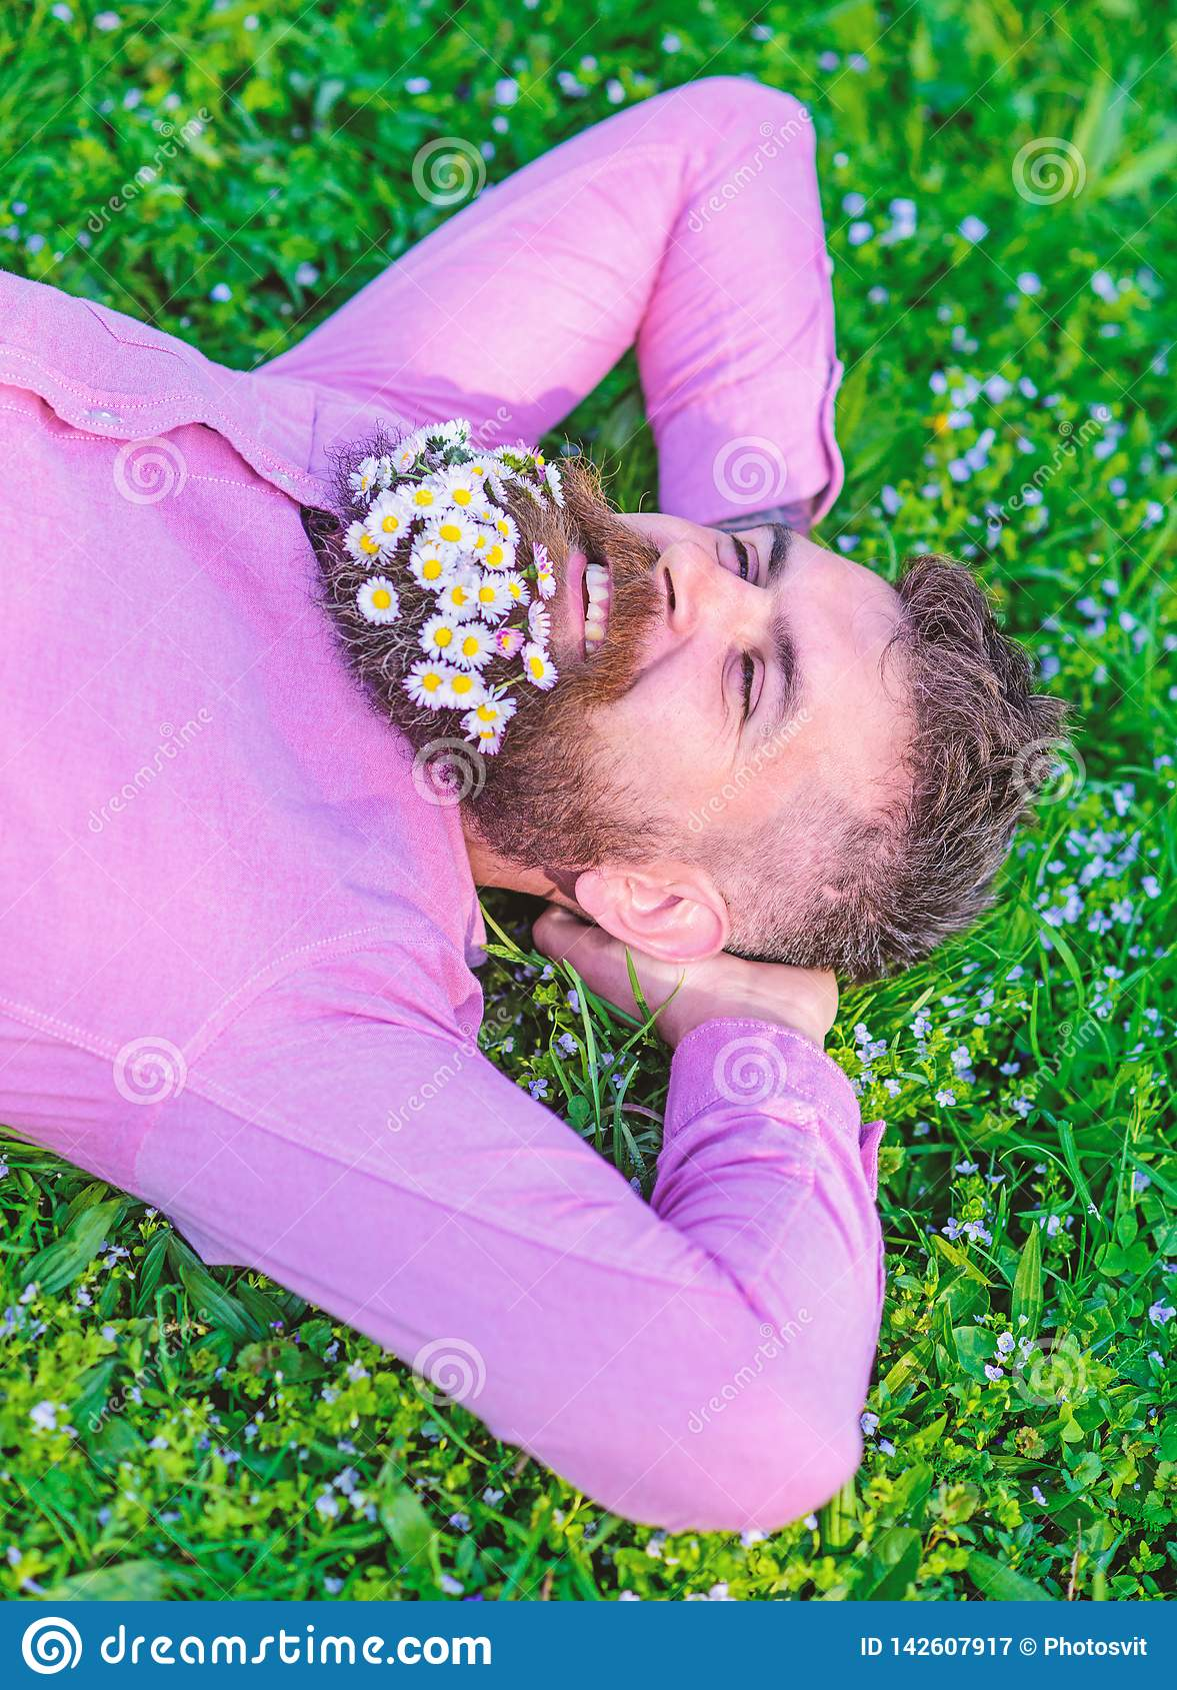 有胡子的人在微笑的面孔享受自然 有雏菊花束的行家在胡子放松的 与自然团结